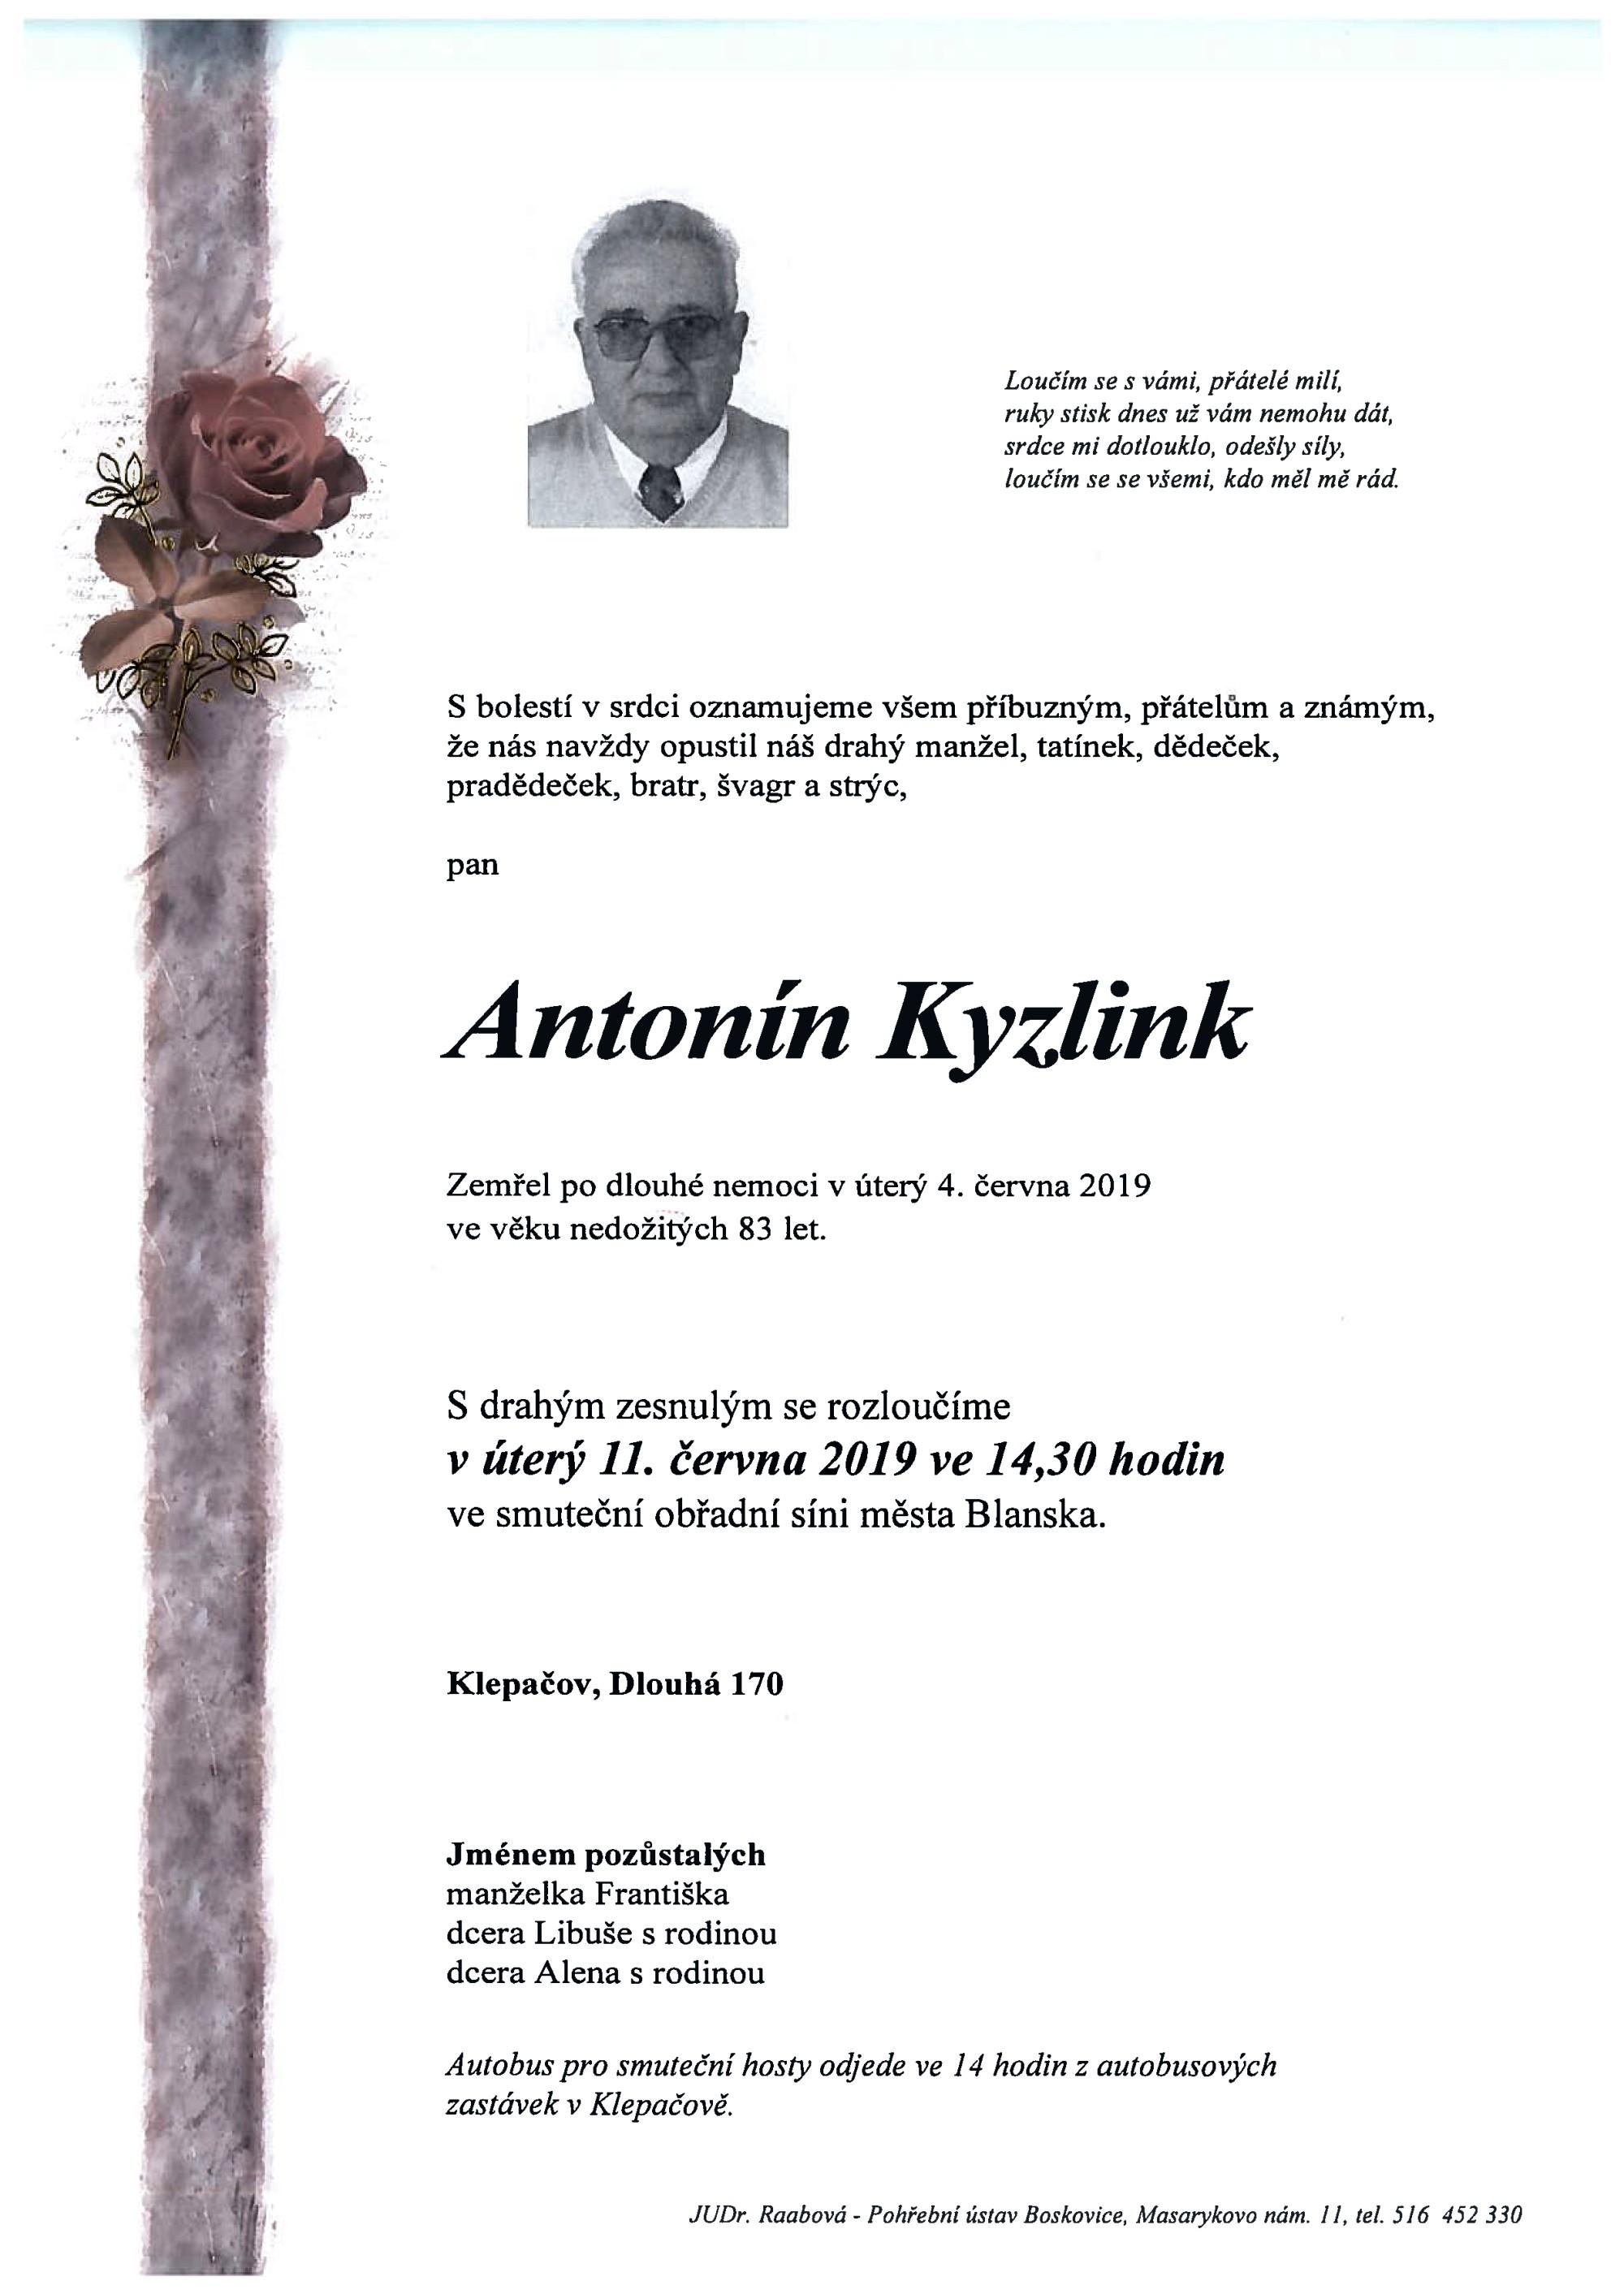 Antonín Kyzlink